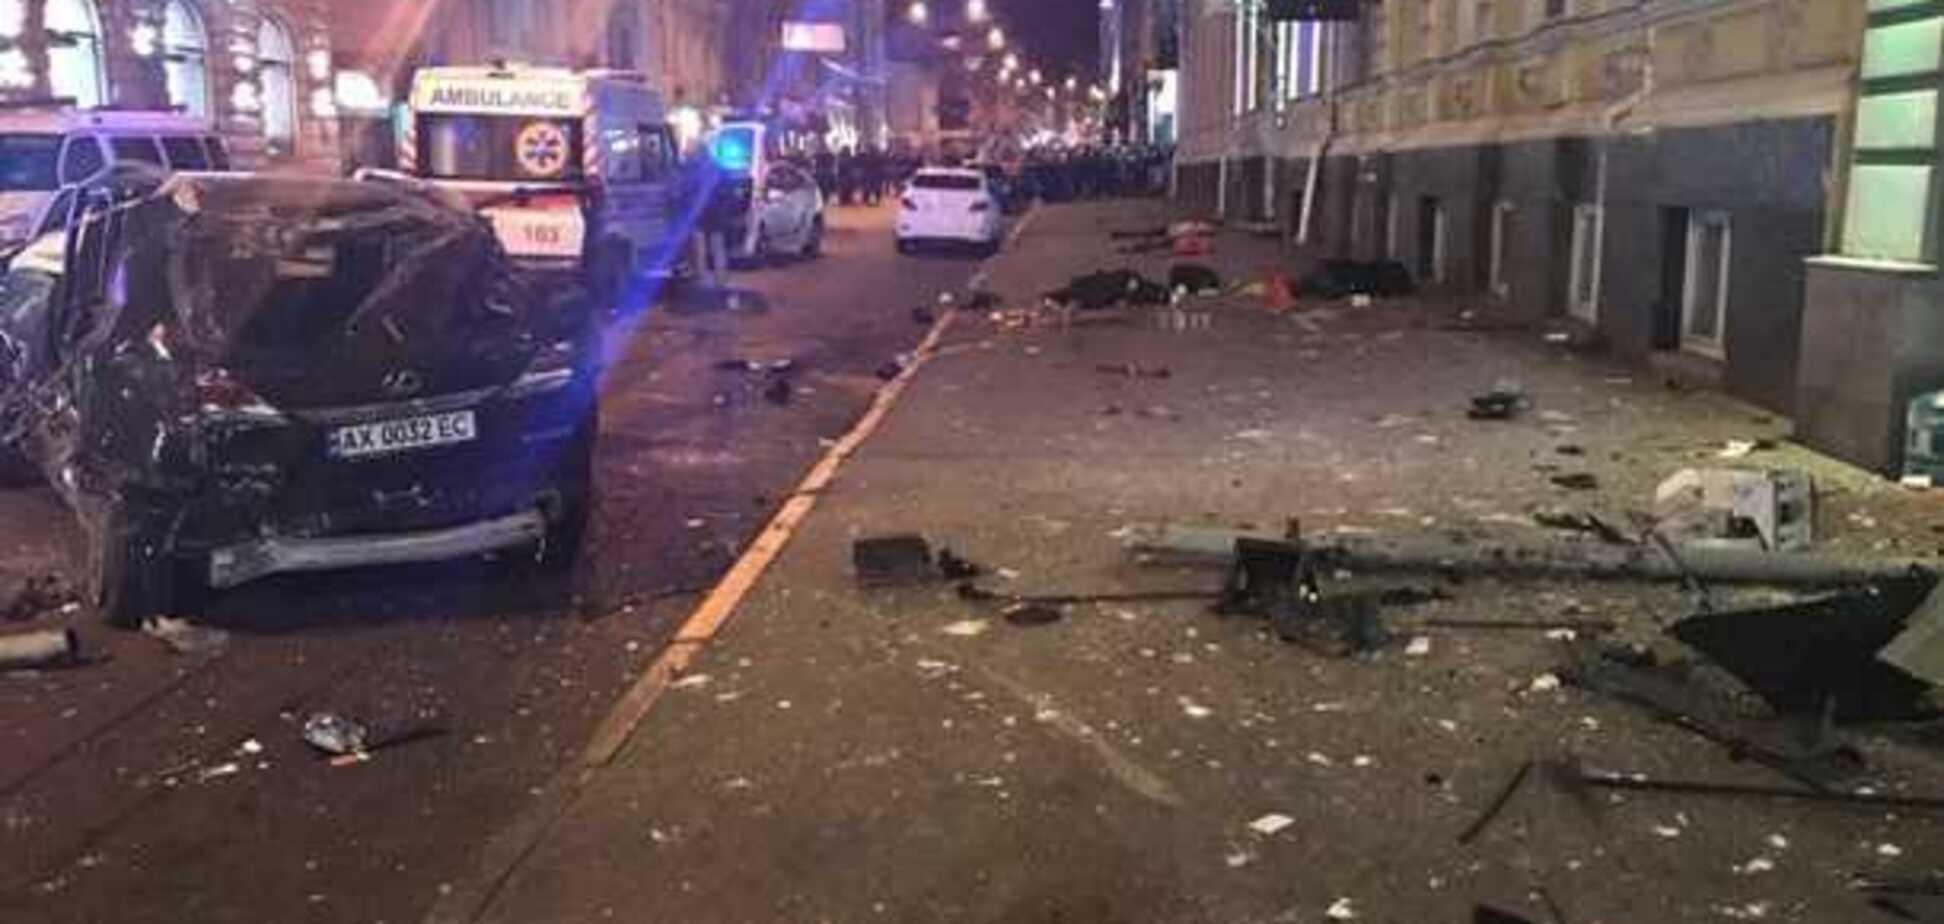 ДТП в Харькове: Зайцеву уже не отмажут, а водитель 'Туарега' также должен сесть